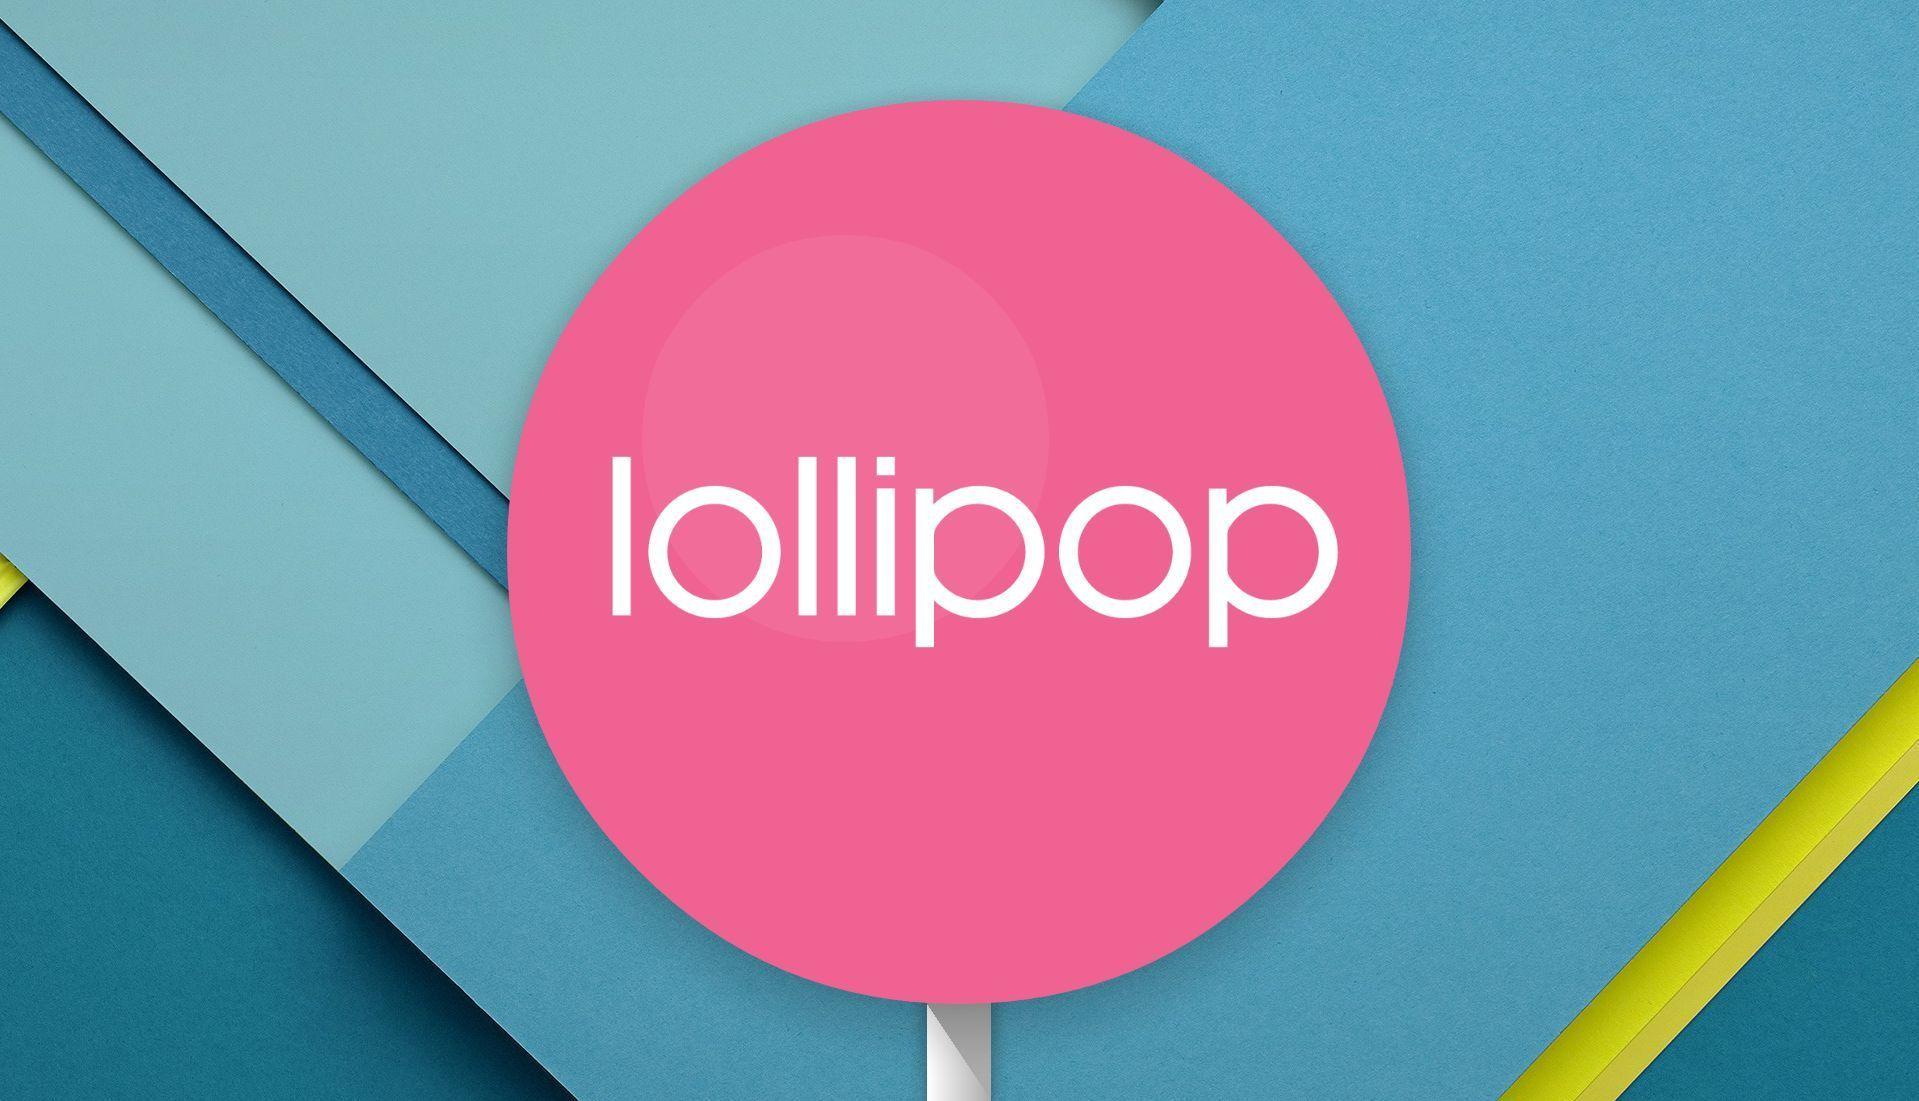 ¿A qué versión de Android corresponde Android Lollipop?